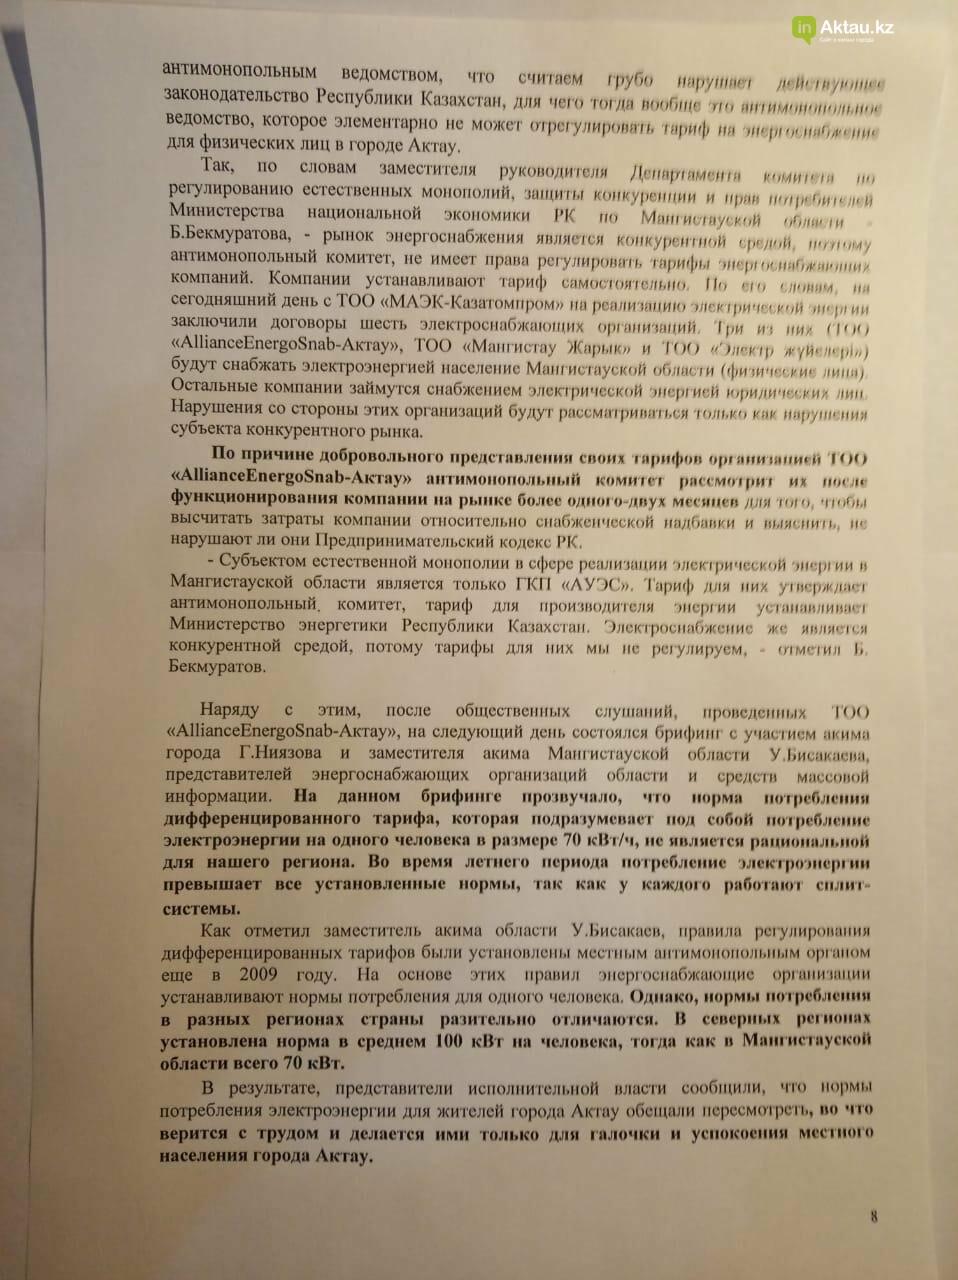 Открытое письмо Президенту написали актаусцы  по поводу новых тарифов на электроэнергию, фото-8